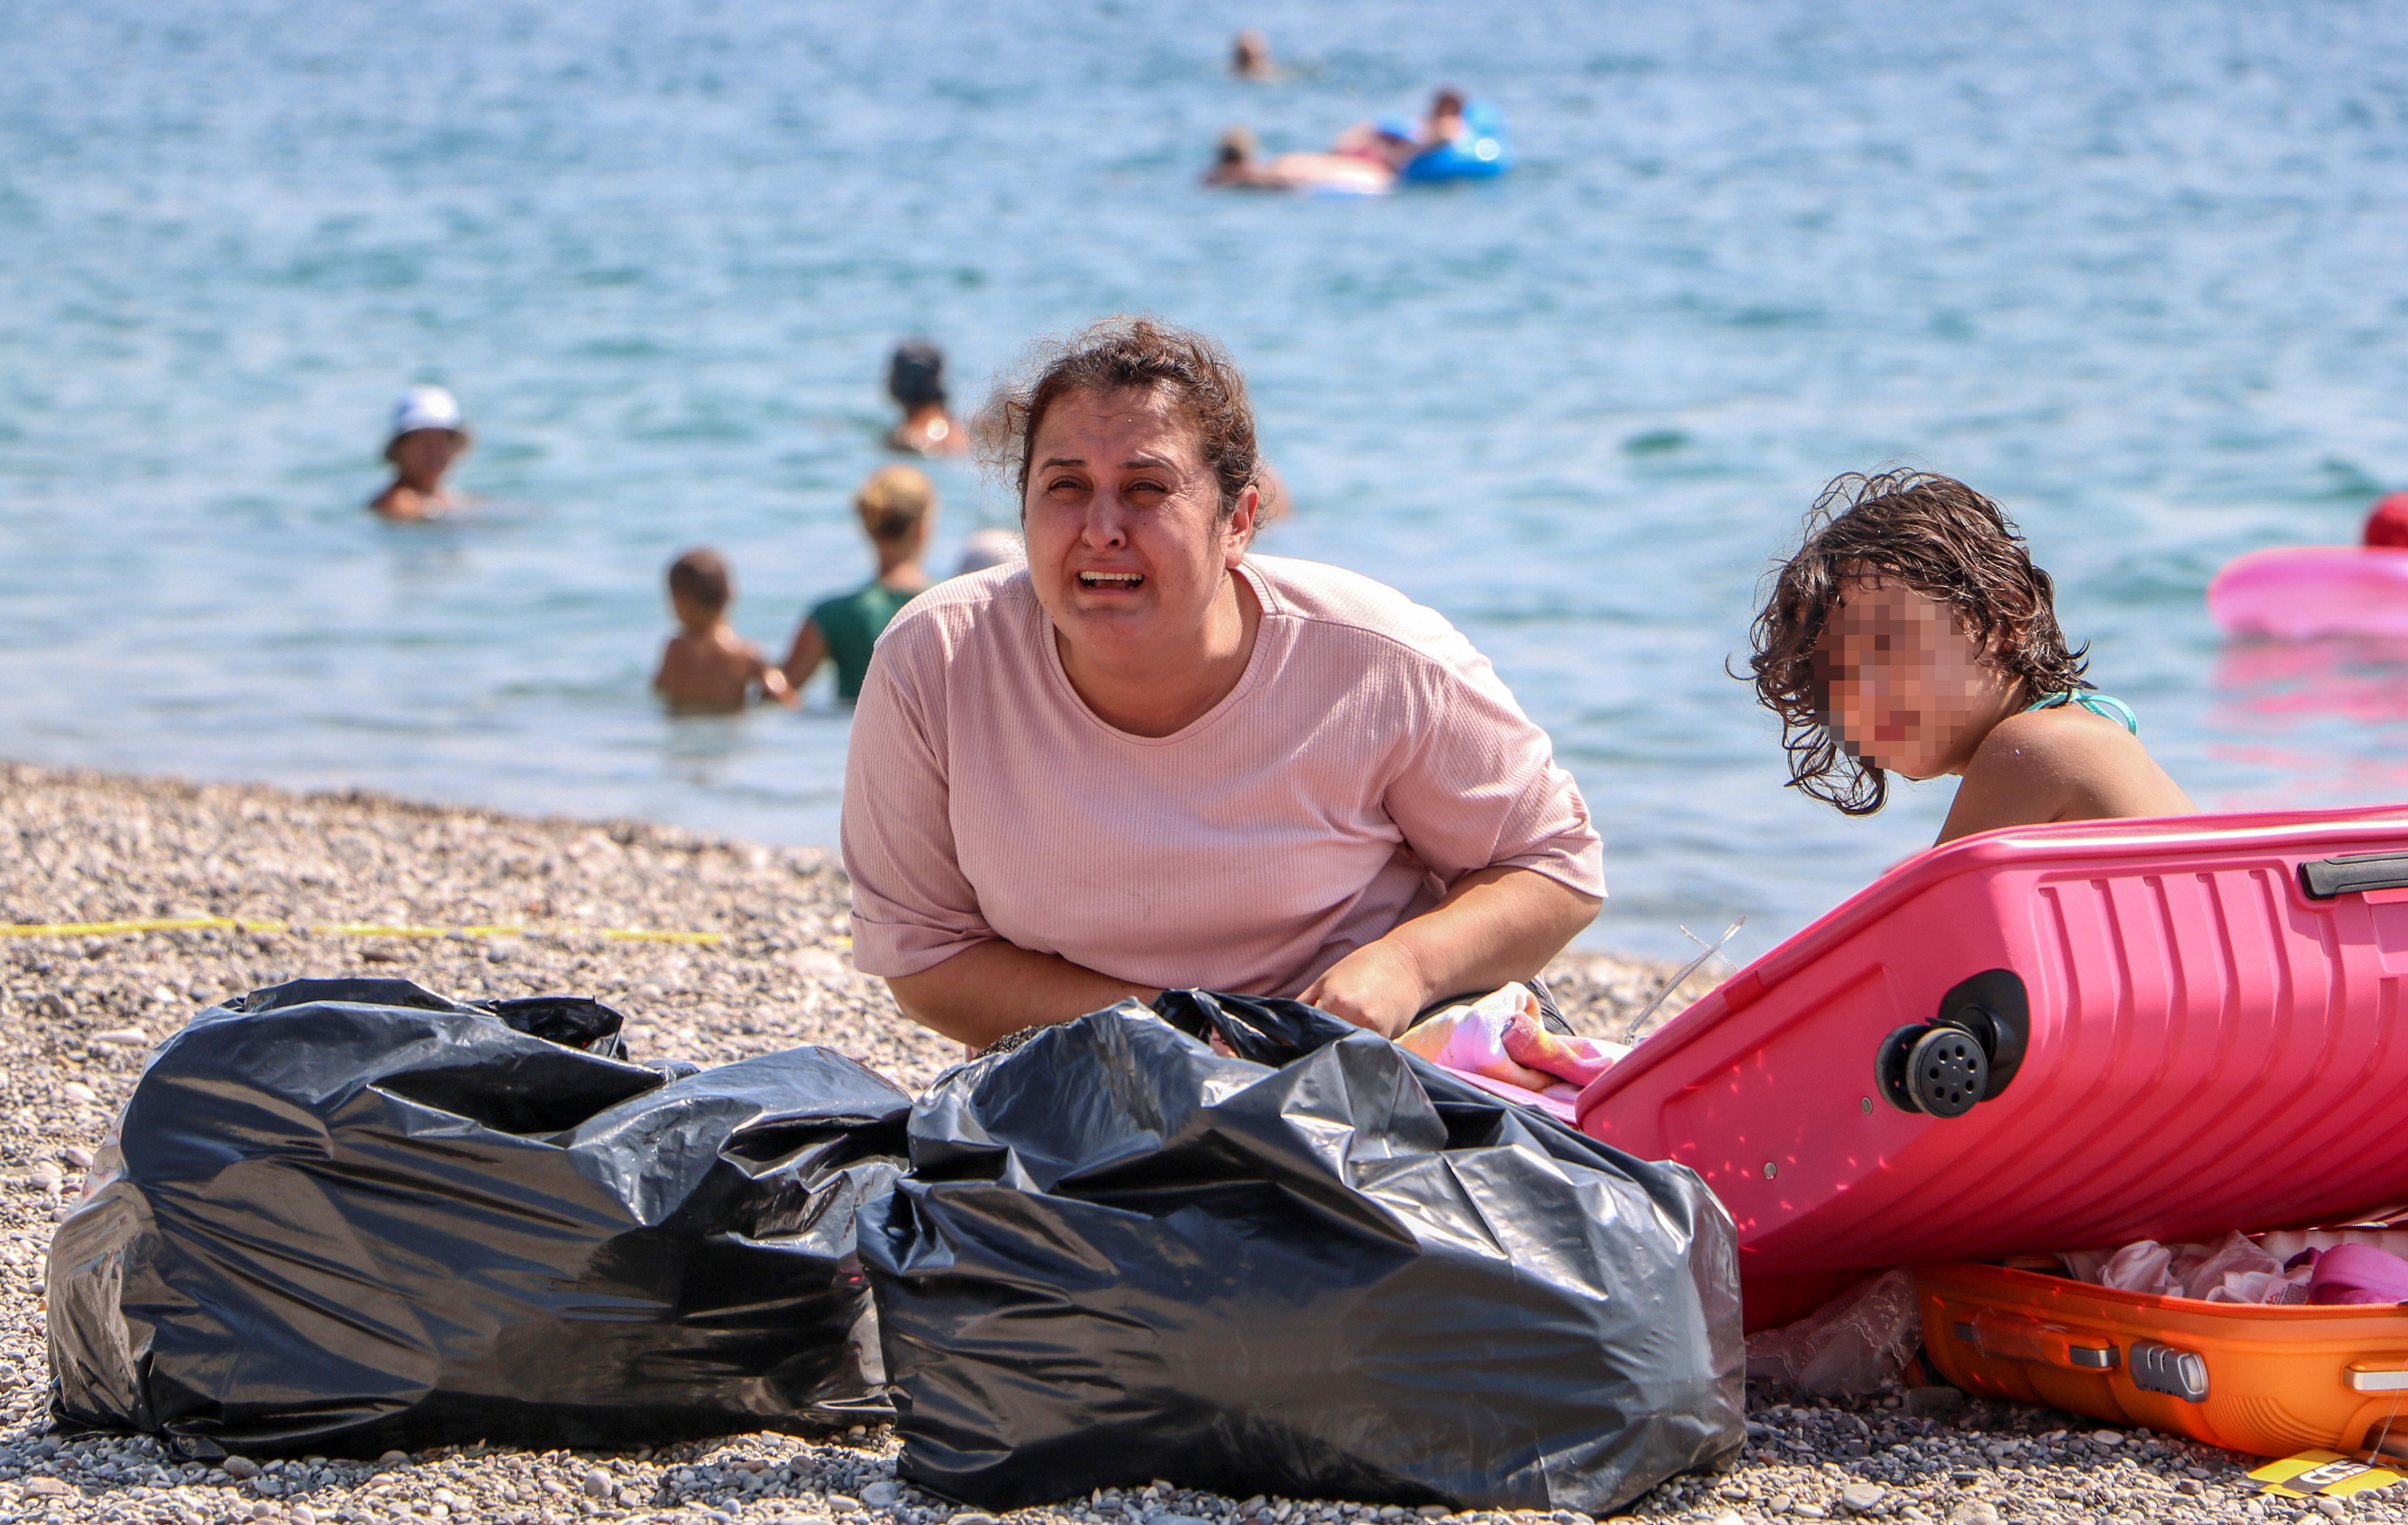 sahilde-olmek-istemiyorum-diye-aglayan-kadin-koronaviruslu-cikti-6844-dhaphoto4.jpg